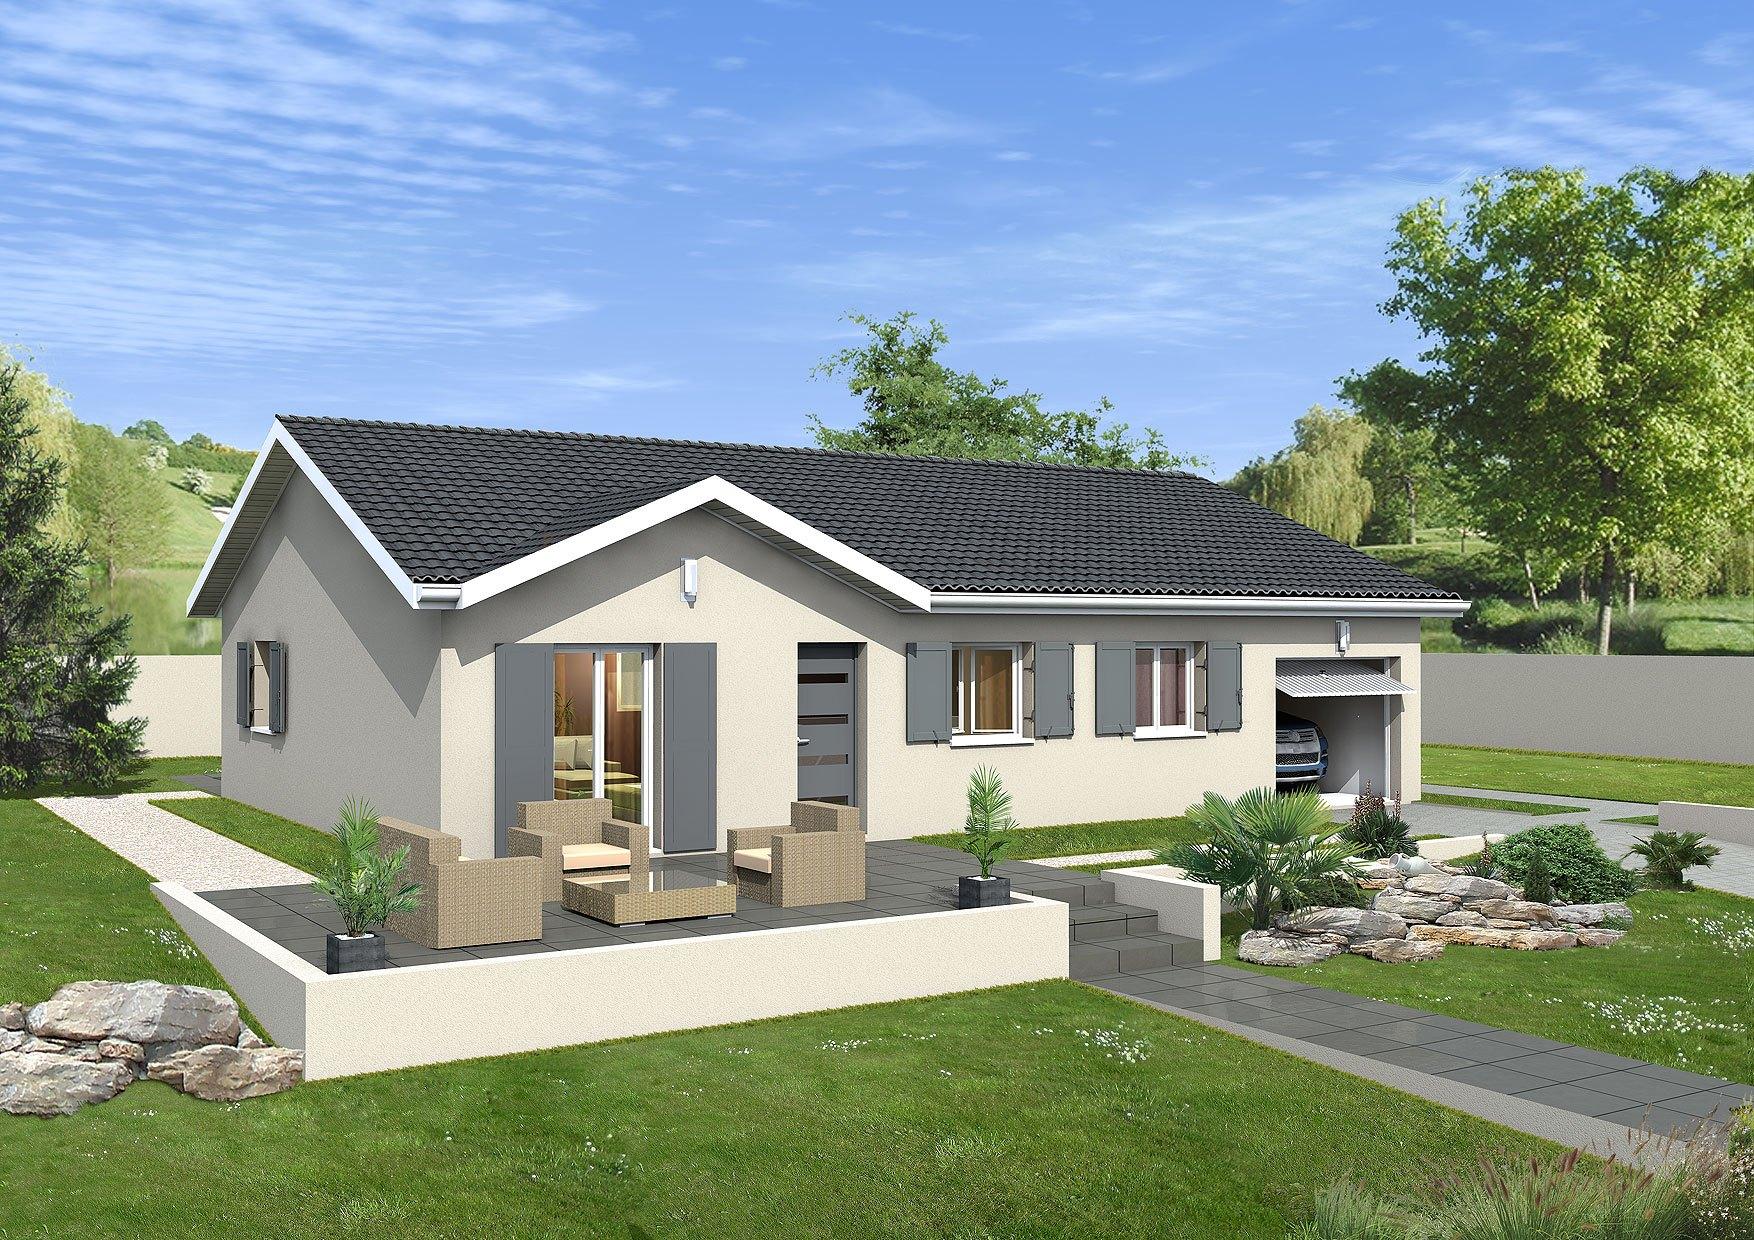 Maisons + Terrains du constructeur MAISONS PUNCH • 100 m² • CRANS